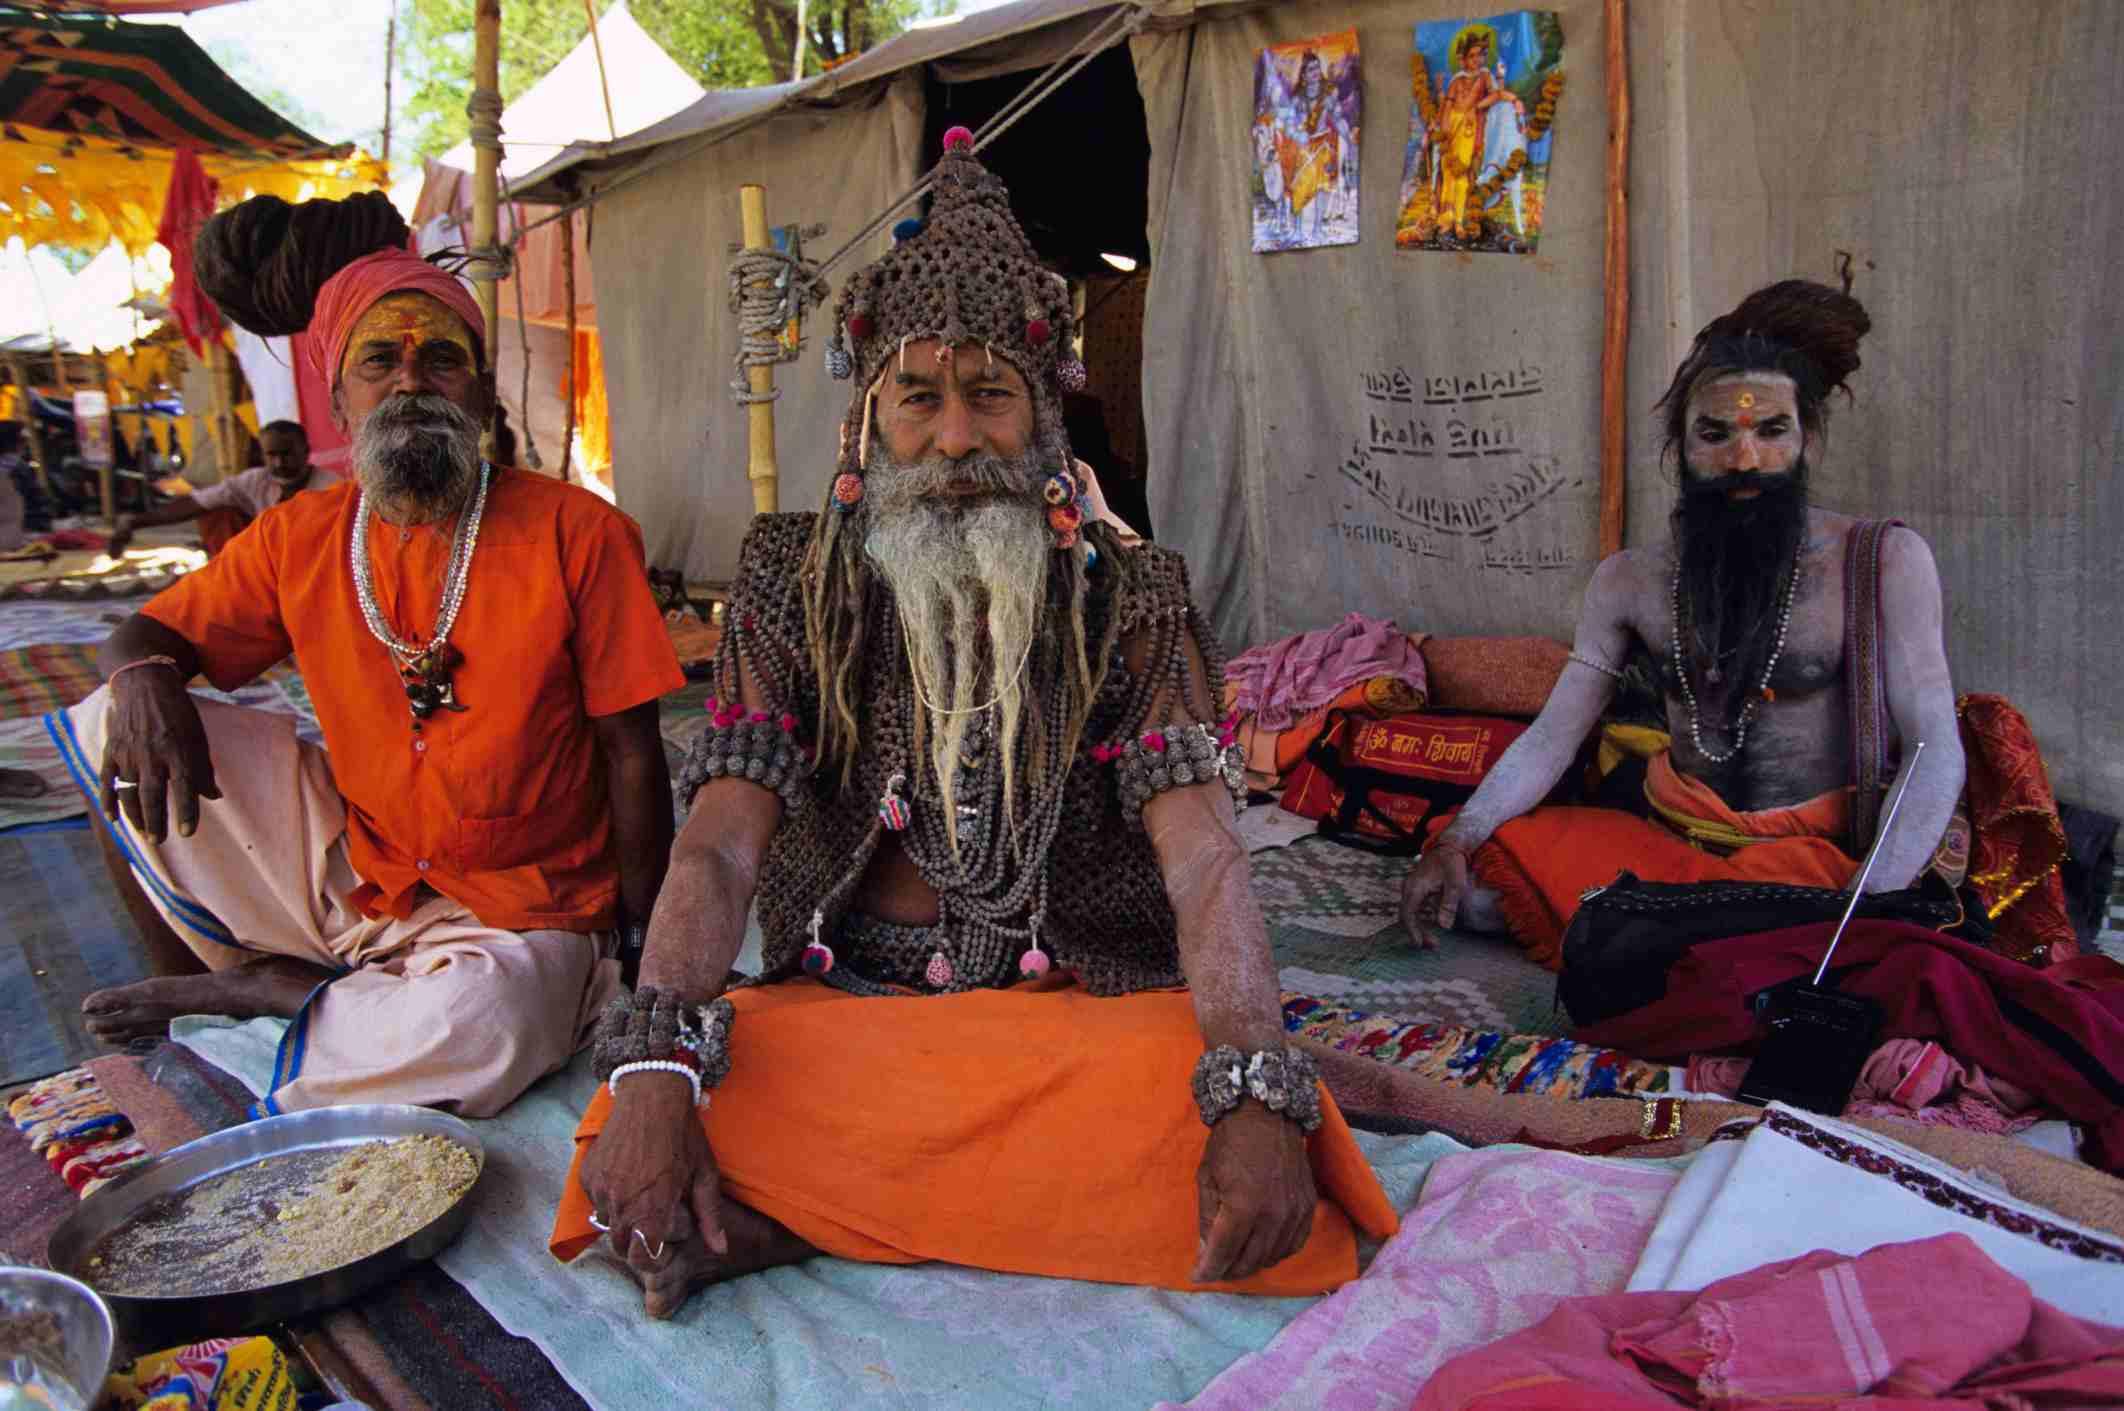 Sadhus at Kumbh Mela, Ujjain